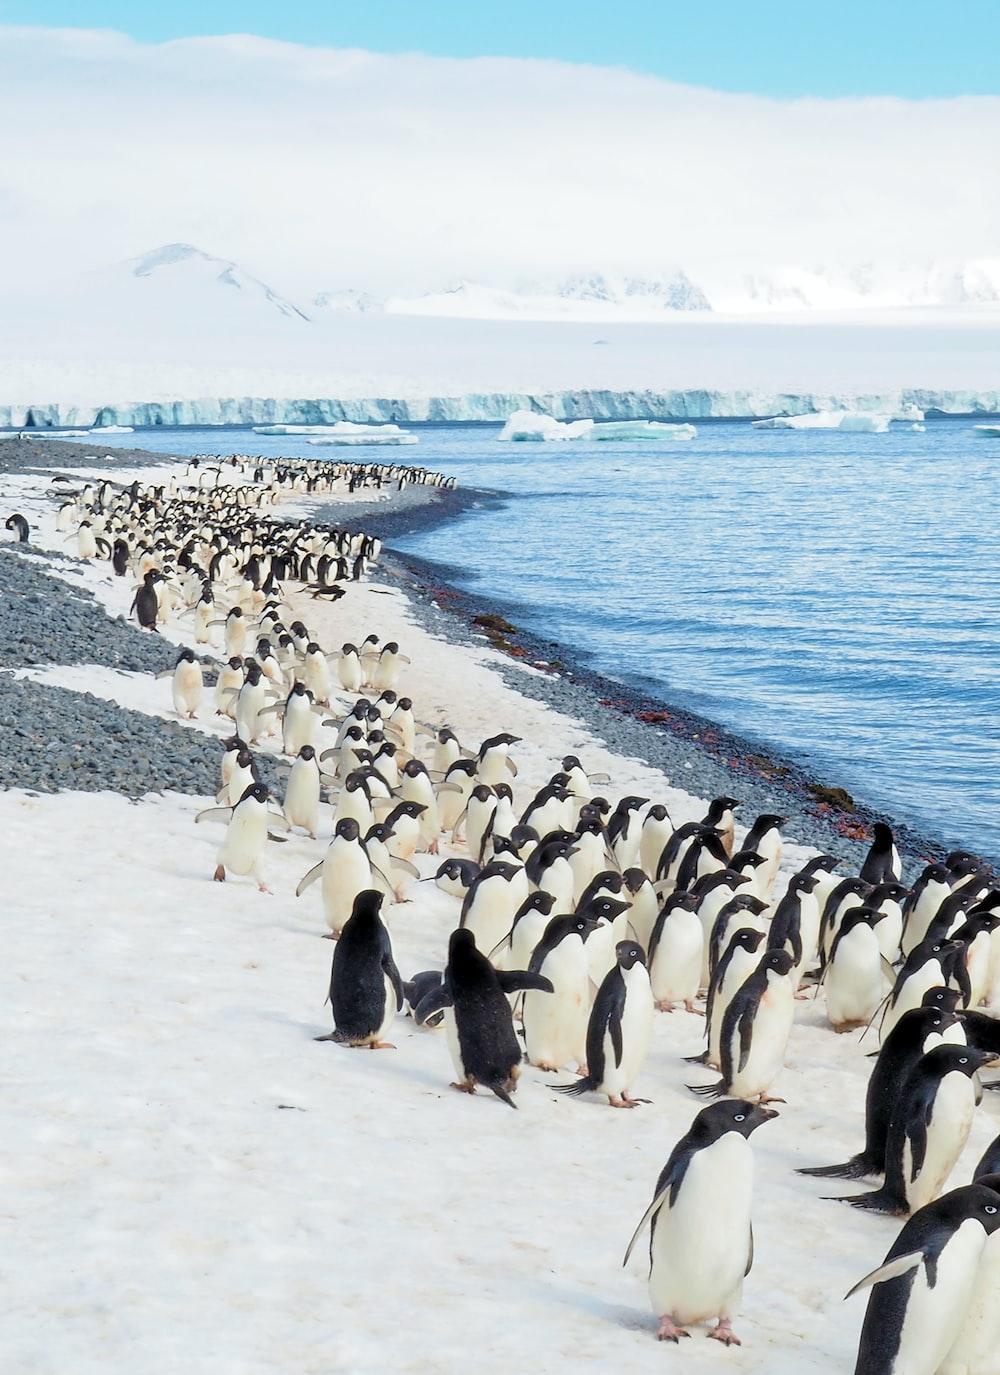 penguins on white sand beach during daytime